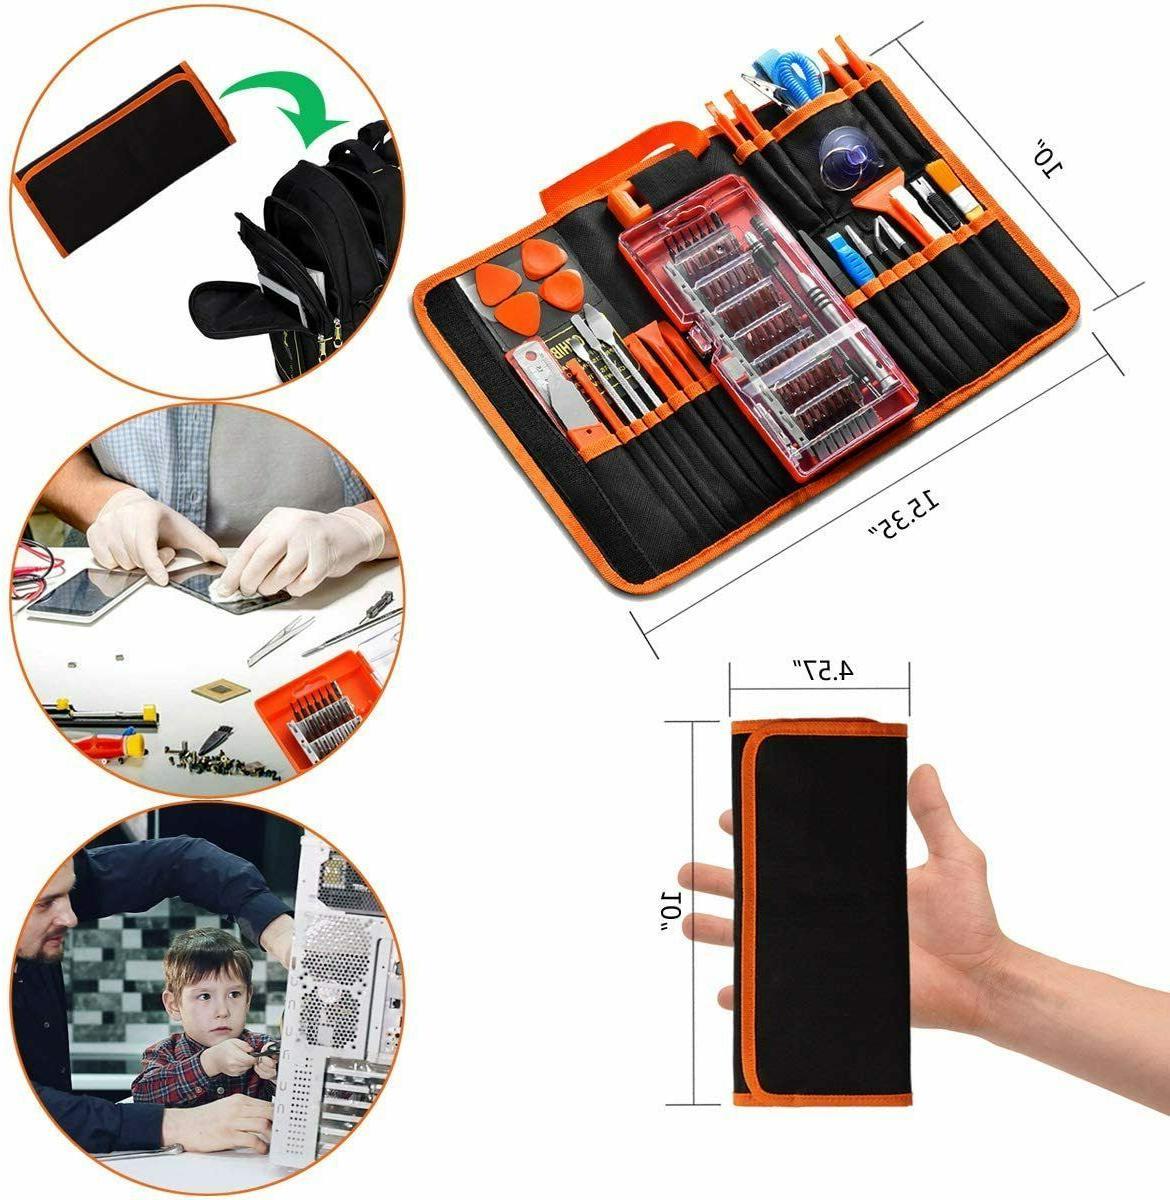 90pcs Repair Kit Screwdriver Set for PC Phone